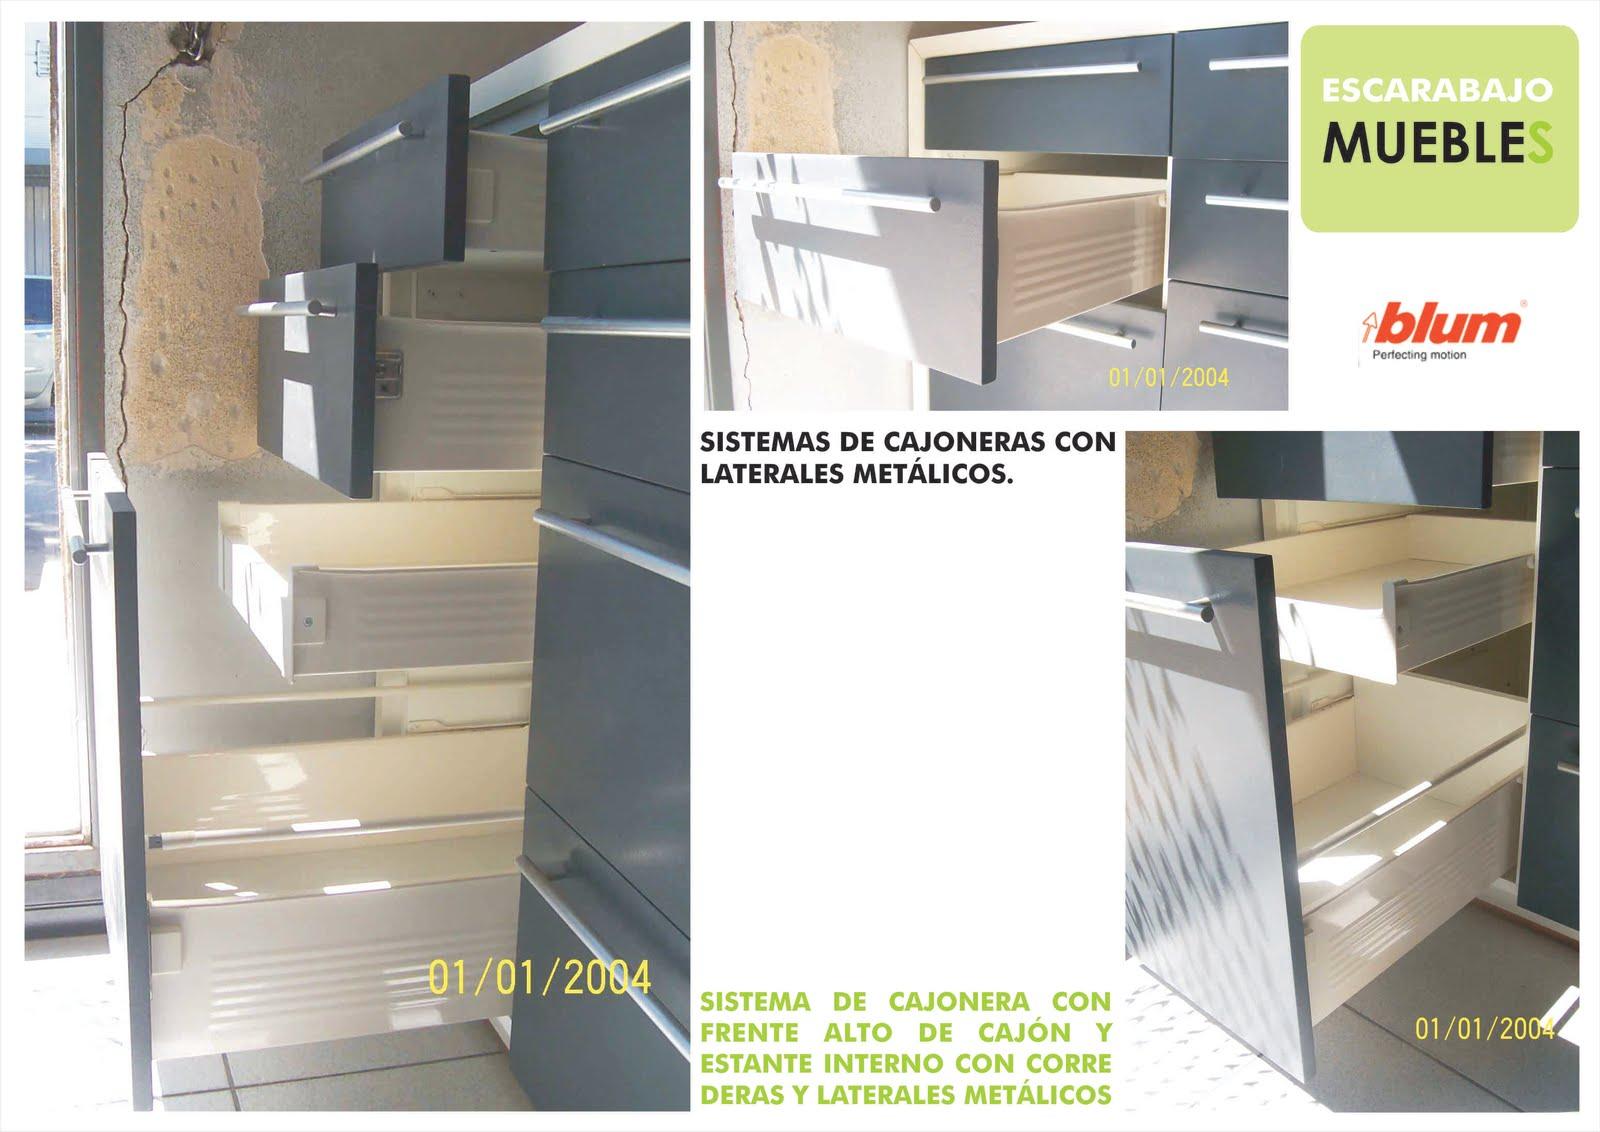 Muebles de cocina escarabajo muebles - Herrajes para muebles cocina ...